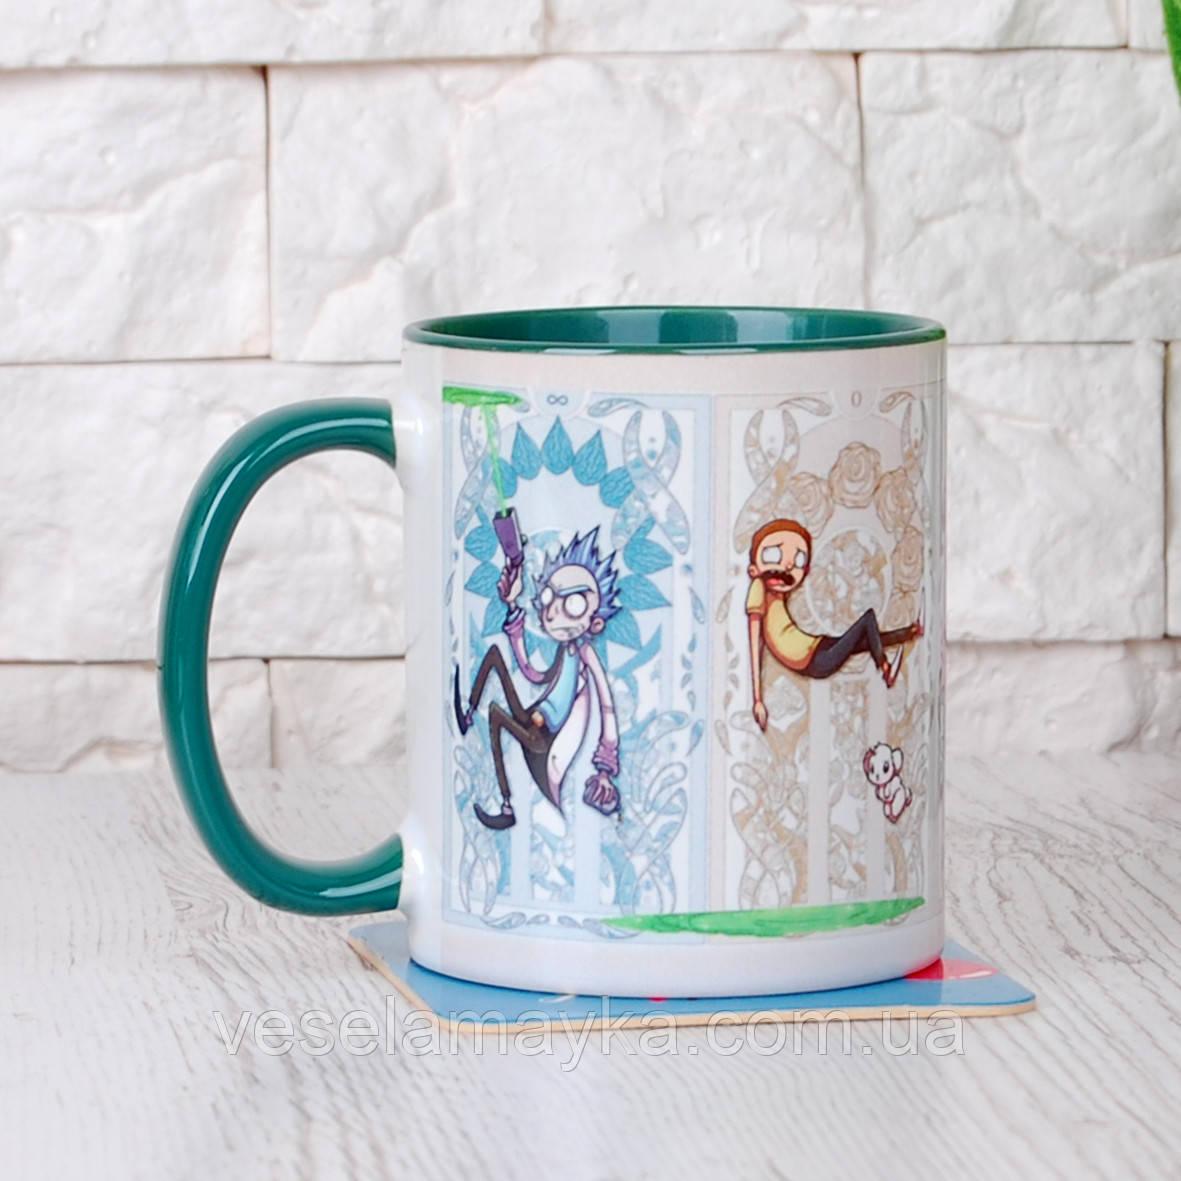 Чашка Rick and Morty 6 (Рік і Морті)